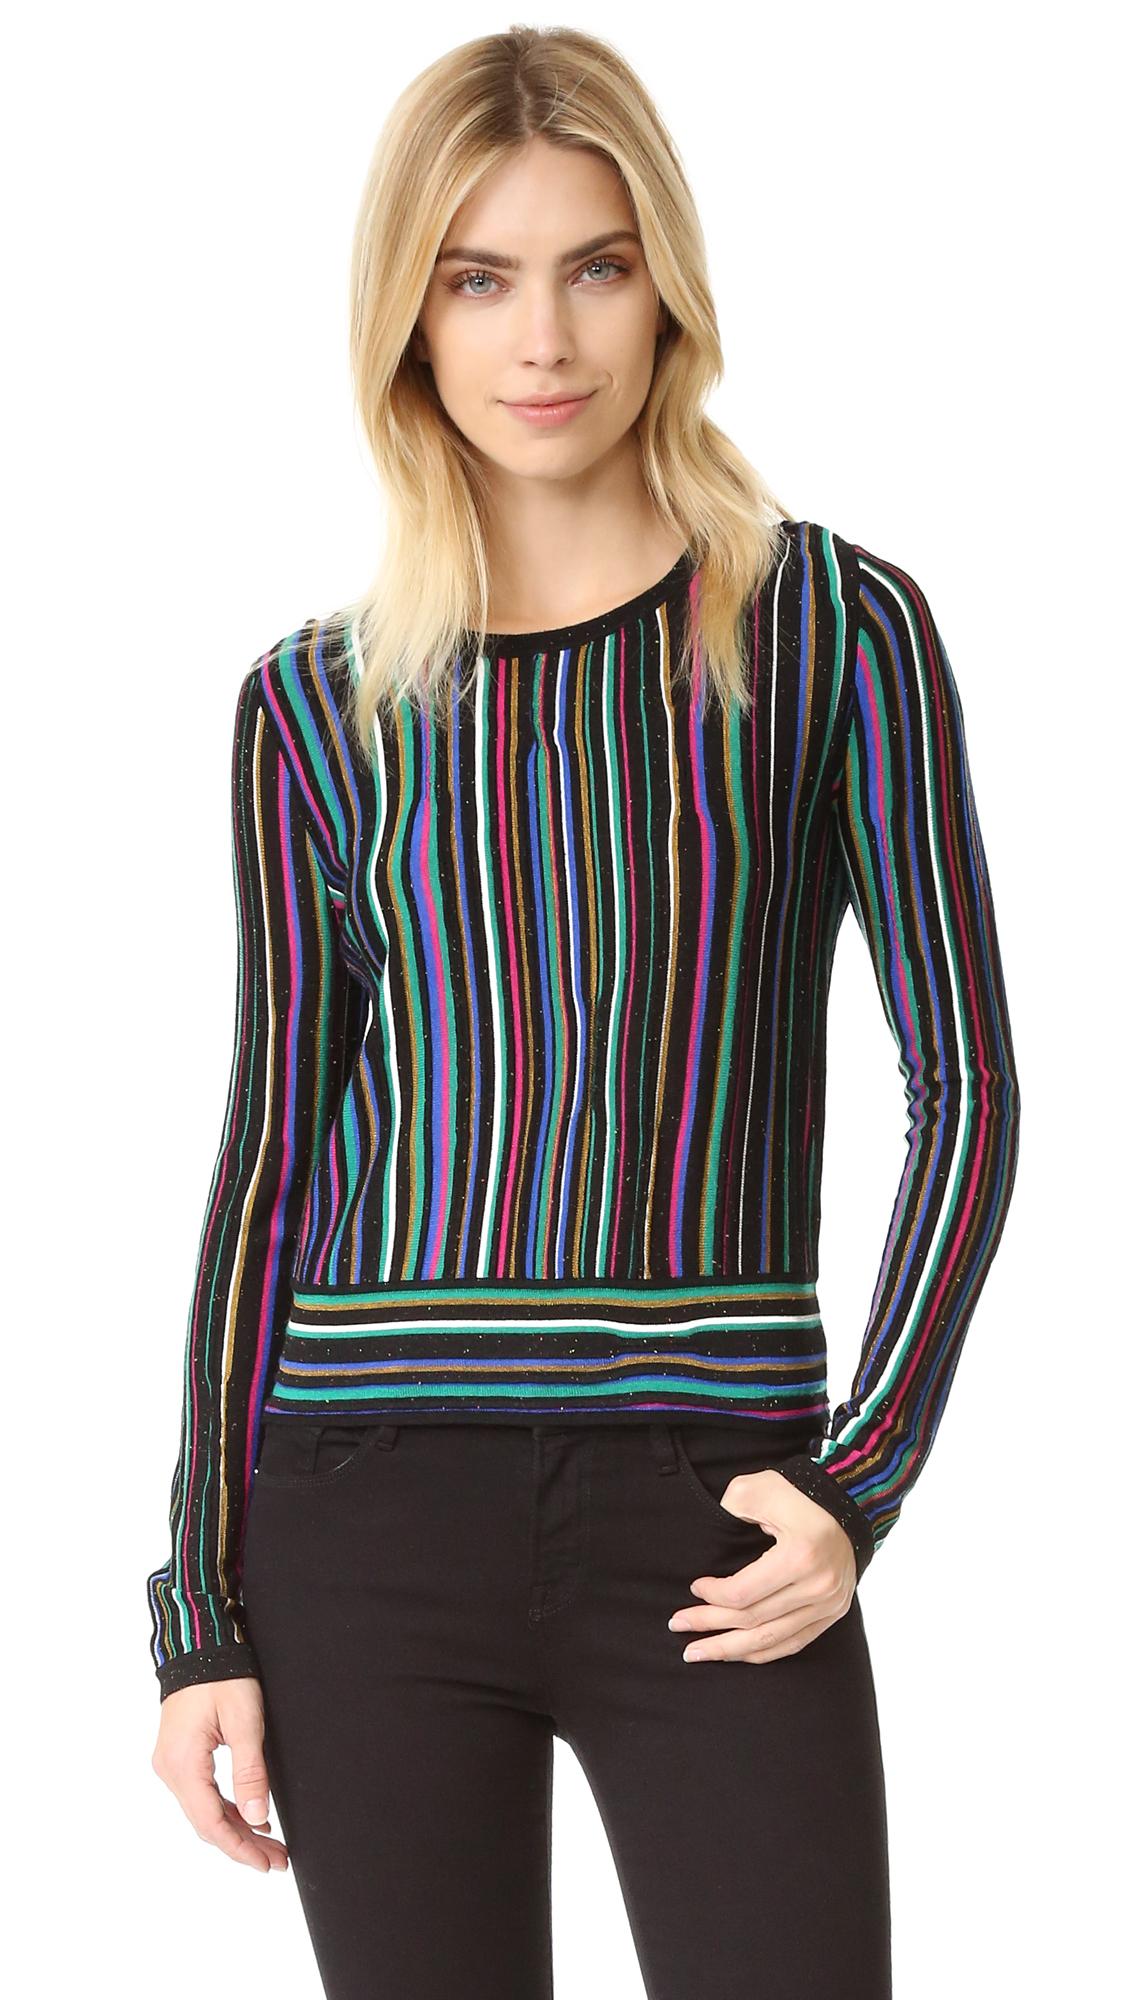 Diane Von Furstenberg Dvf Arisha Sweater - Laser Stripe